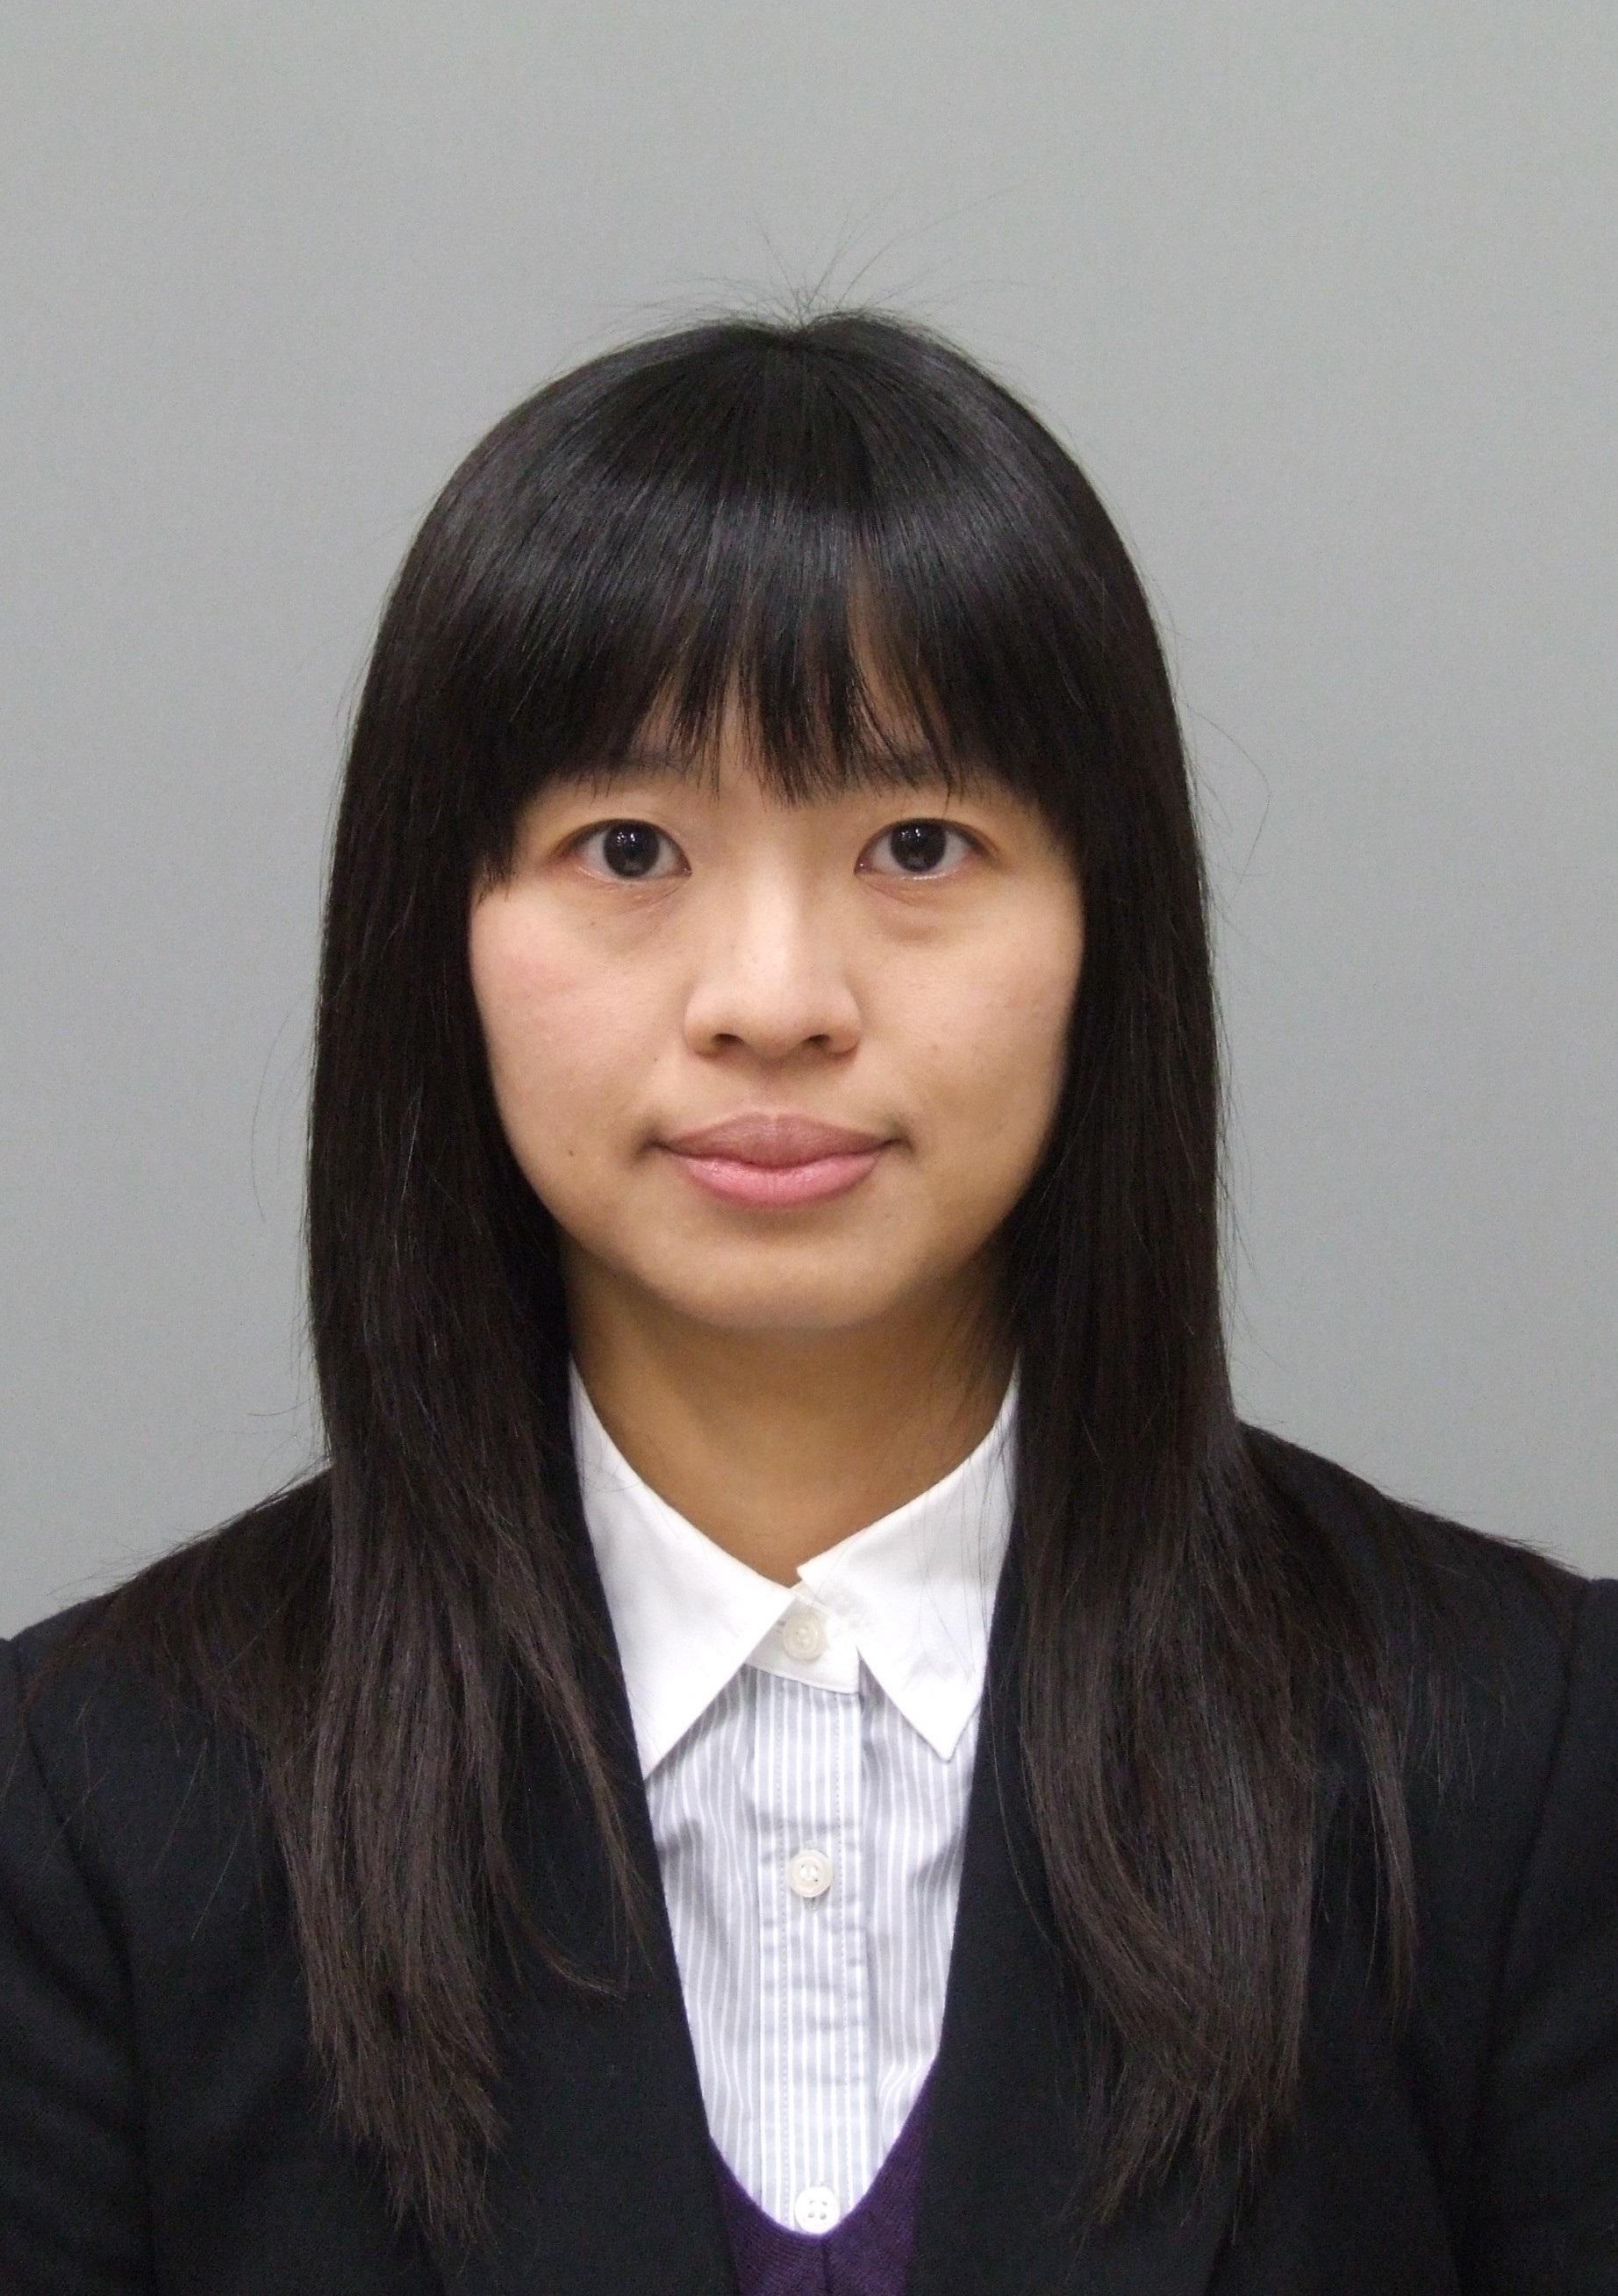 迫田(呉)幸栄|研究者|研究者...